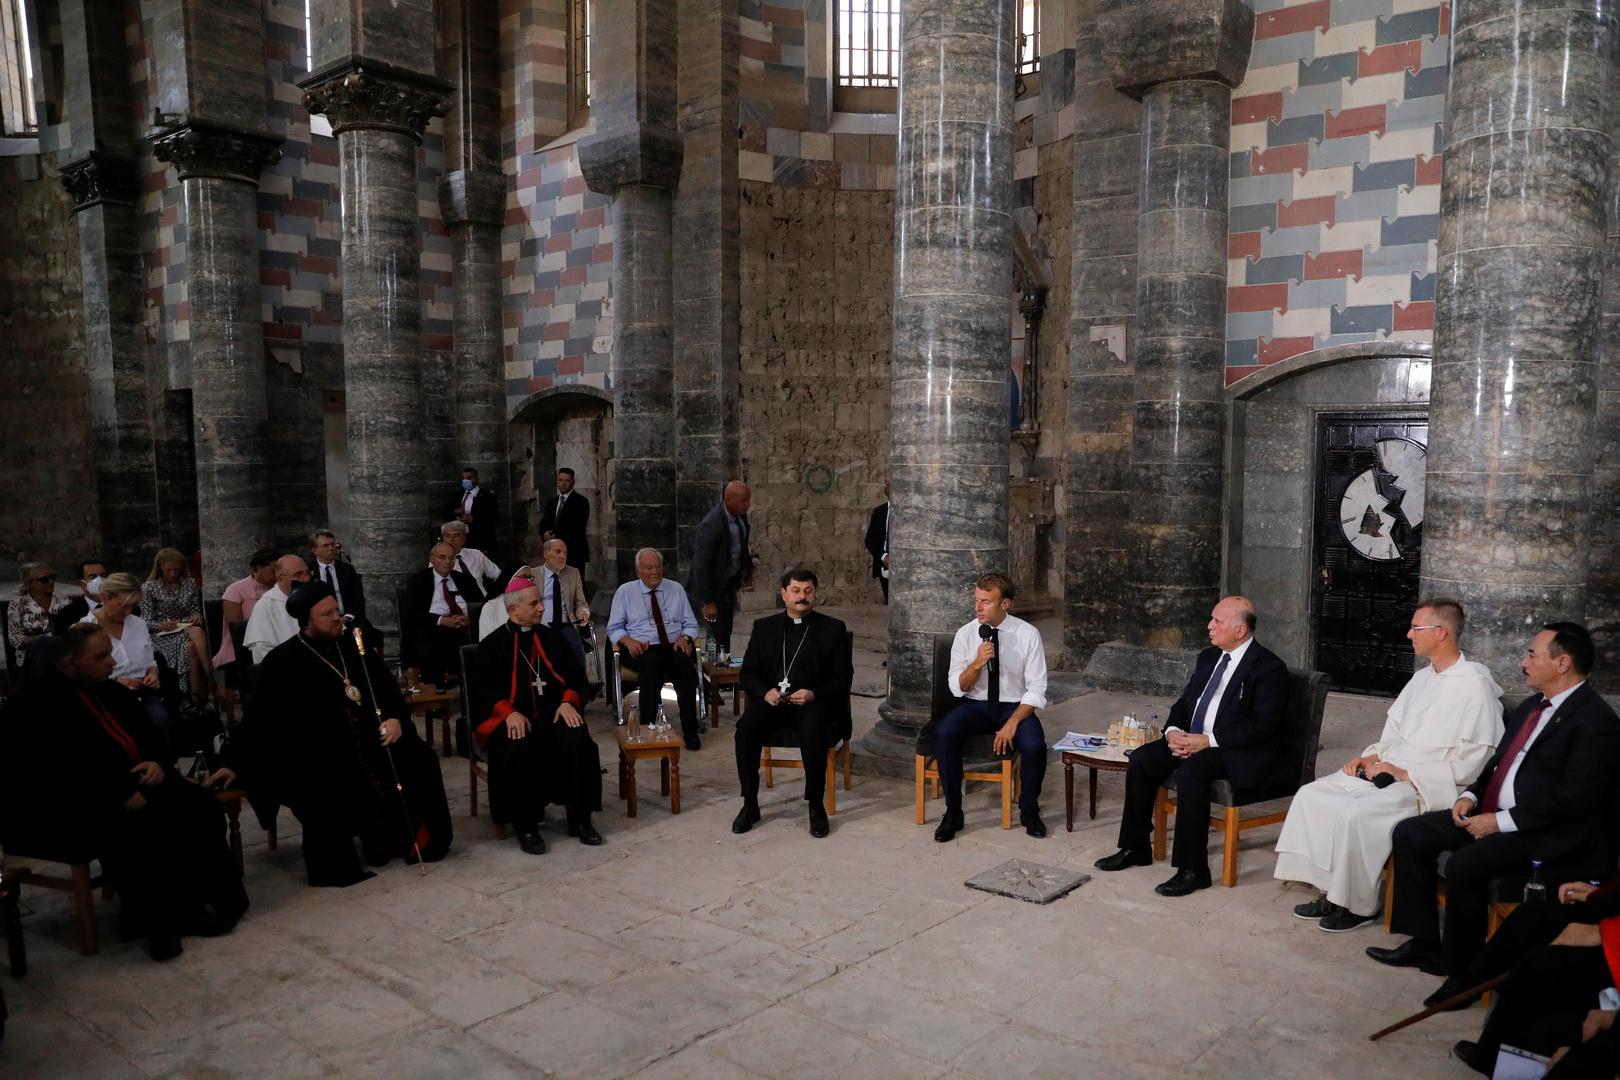 في اليوم الثاني لزيارته للعراق لغرض المشاركة بمؤتمر الشراكة والتعاون زار الرئيس الفرنسي ايمانويل ماكرون  حواضر دينية مدمرة في مدينة الموصل 612b5255423604319a50671b